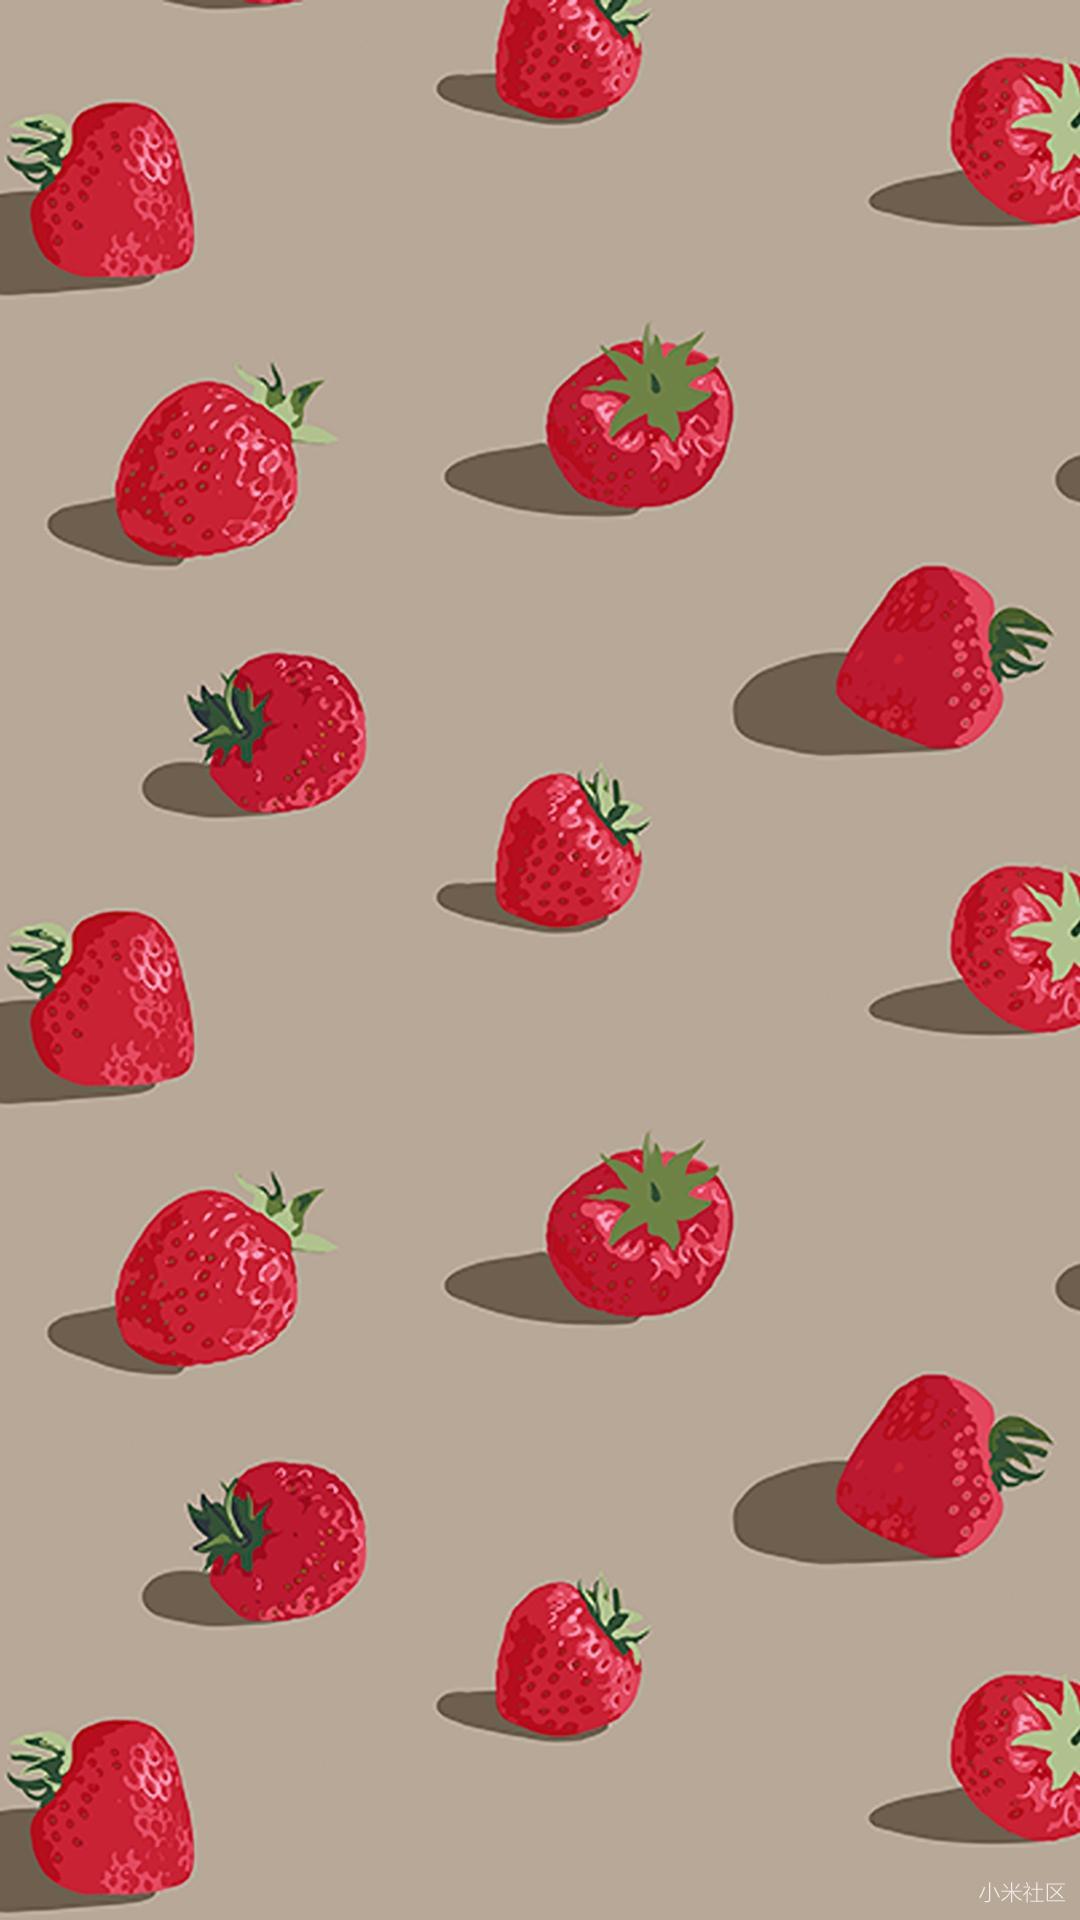 【壁纸分享】创意平铺水果小清新高清手机壁纸分享